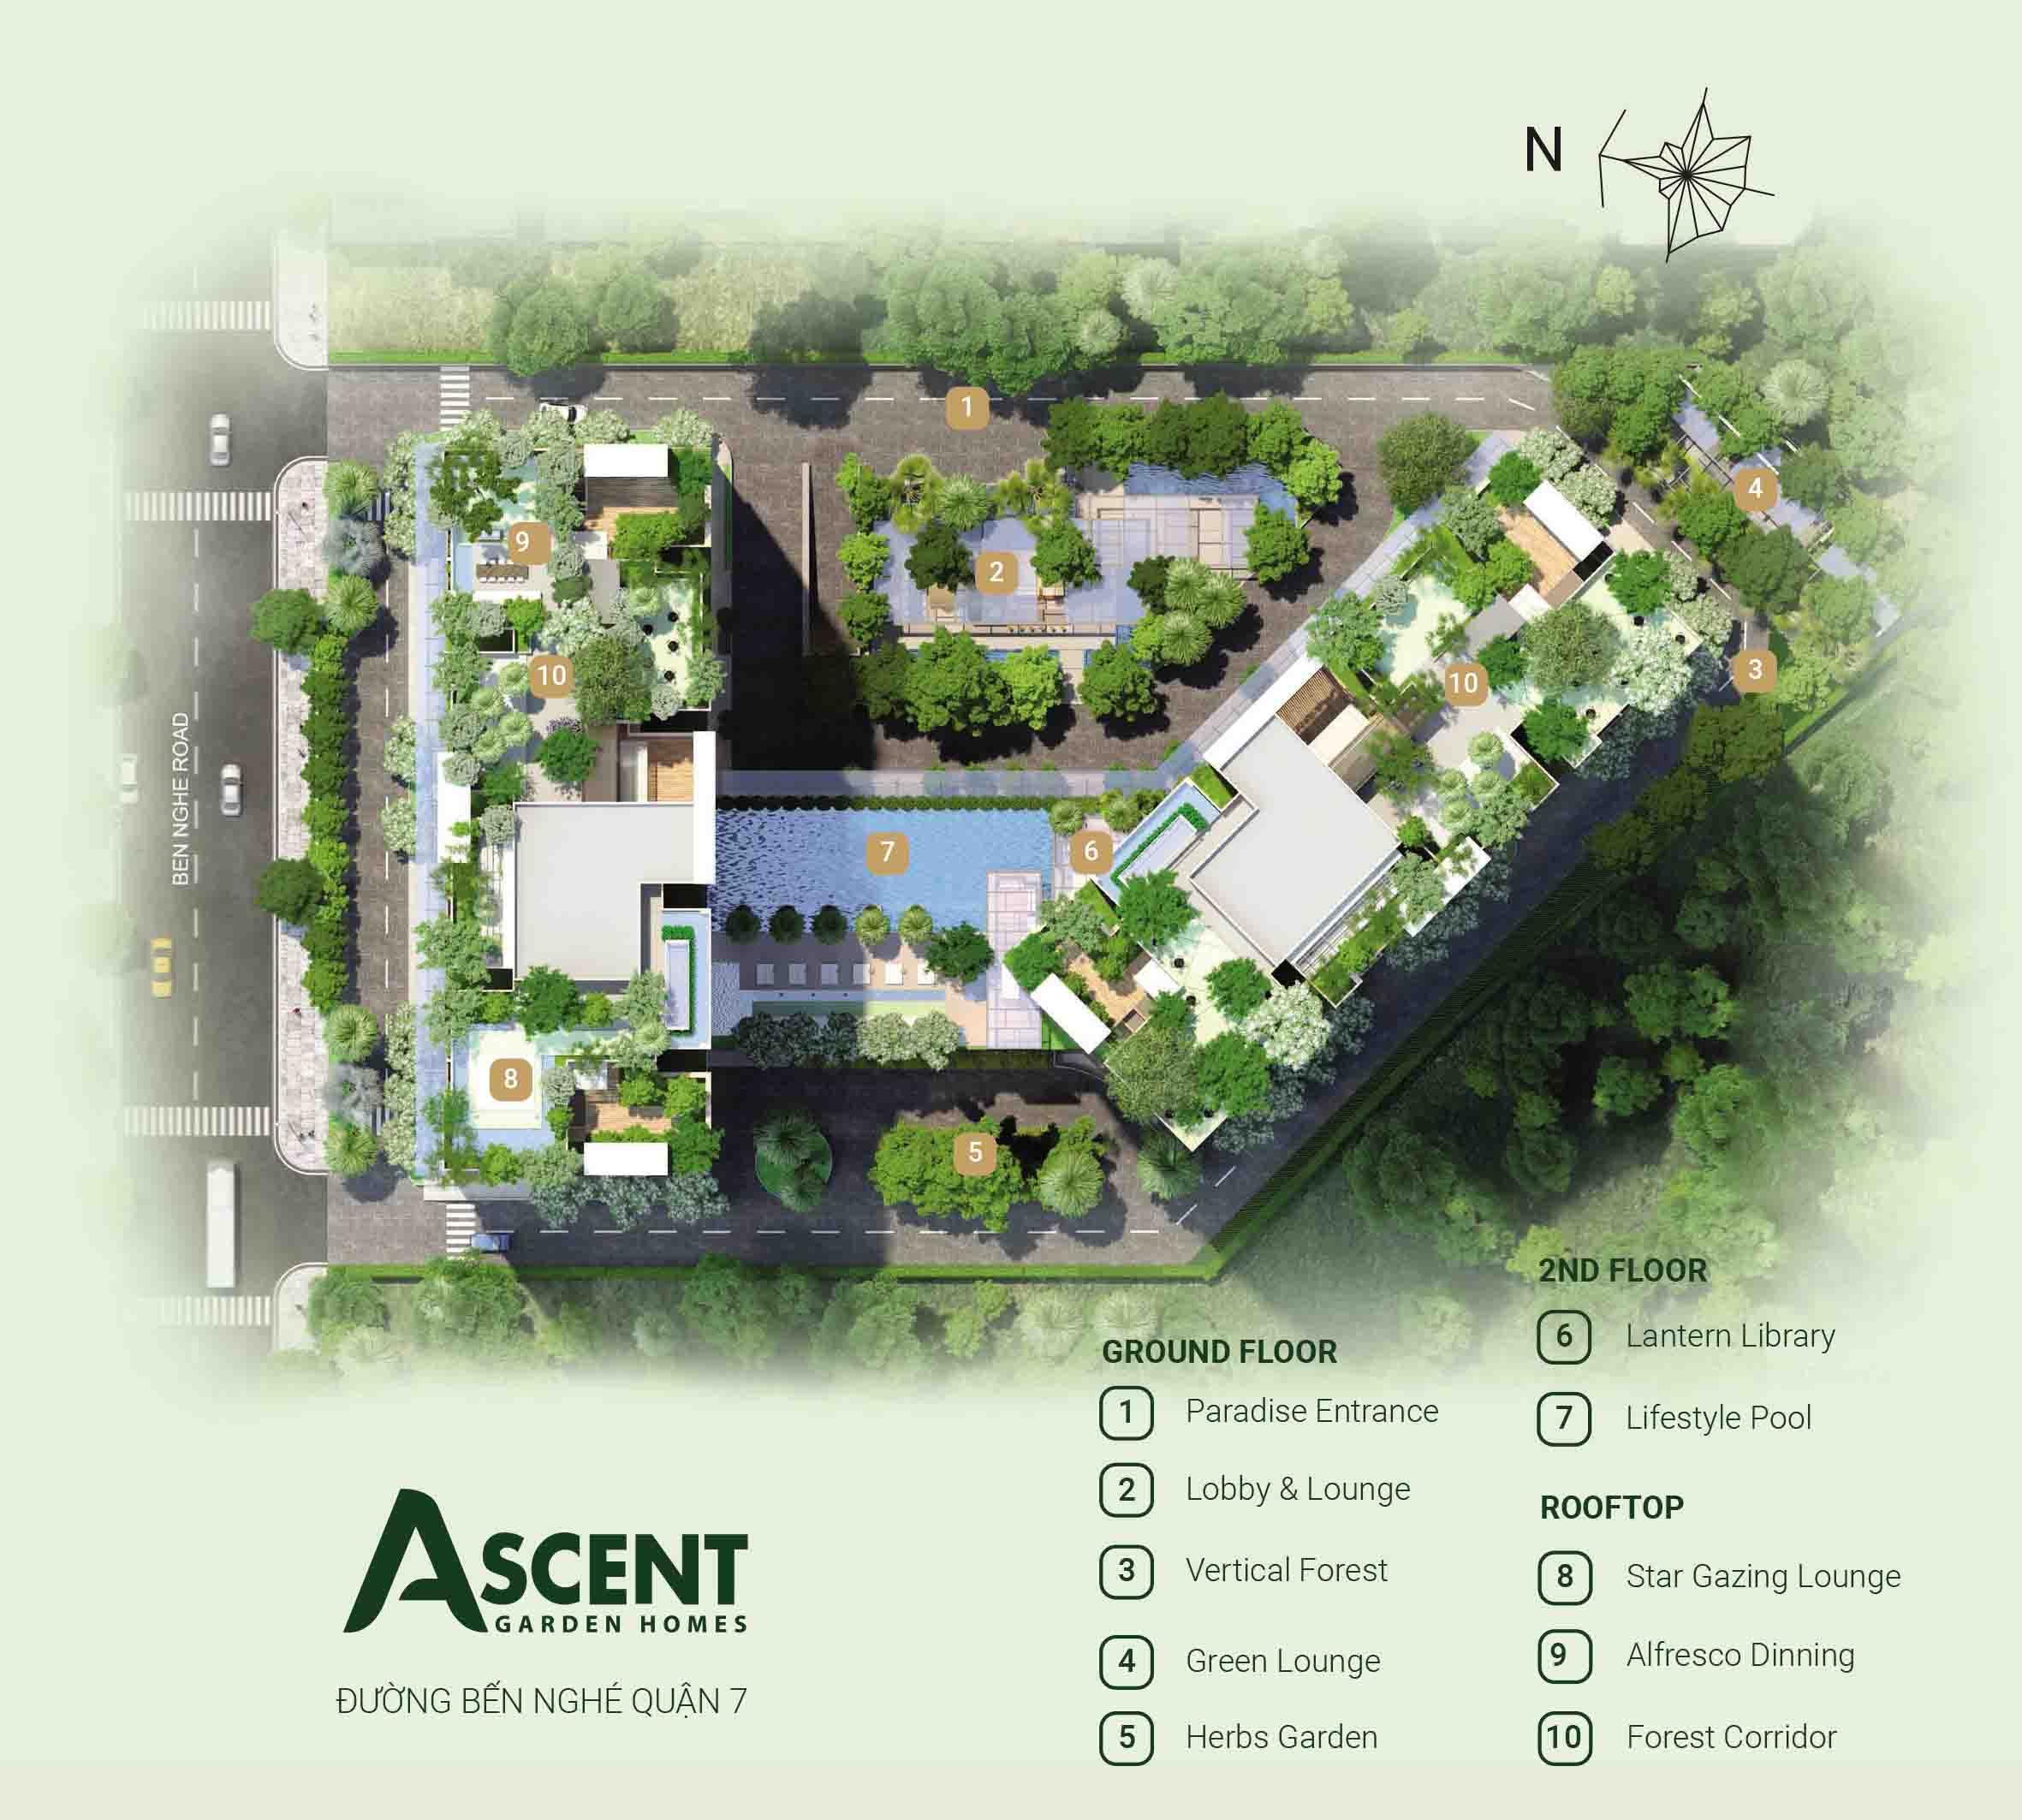 mặt bằng tiện ích căn hộ ascent garden homes